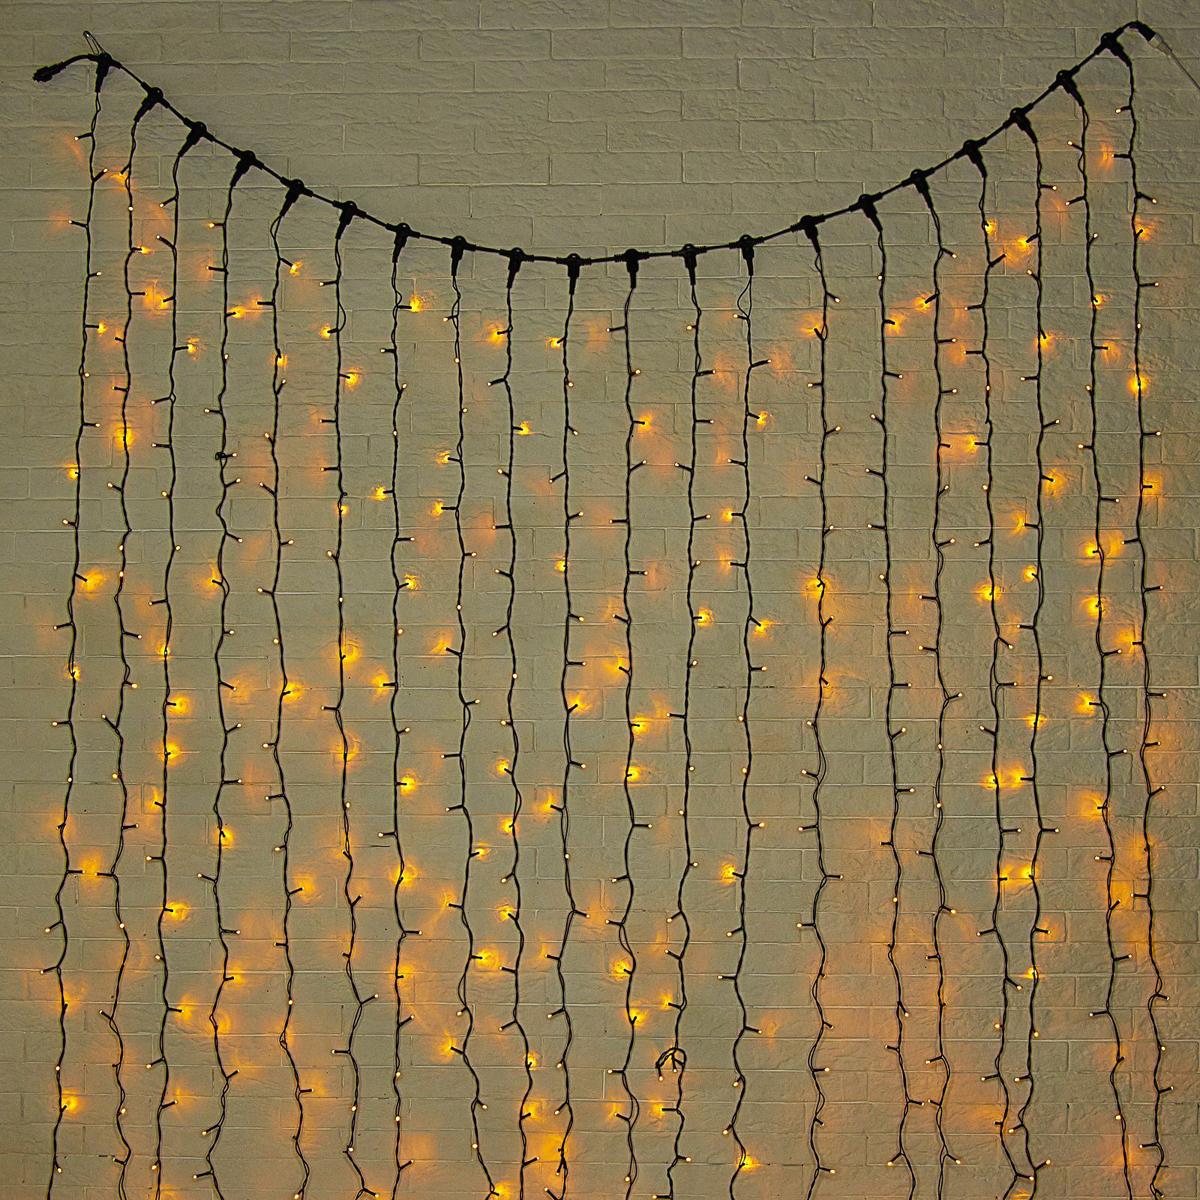 Гирлянда светодиодная Luazon Занавес, цвет: желтый, уличная, 760 ламп, 220 V, 2 х 3 м. 10802471080247Светодиодные гирлянды и ленты — это отличный вариант для новогоднего оформления интерьера или фасада. С их помощью помещение любого размера можно превратить в праздничный зал, а внешние элементы зданий, украшенные ими, мгновенно станут напоминать очертания сказочного дворца. Такие украшения создают ауру предвкушения чуда. Деревья, фасады, витрины, окна и арки будто специально созданы, чтобы вы украсили их светящимися нитями.